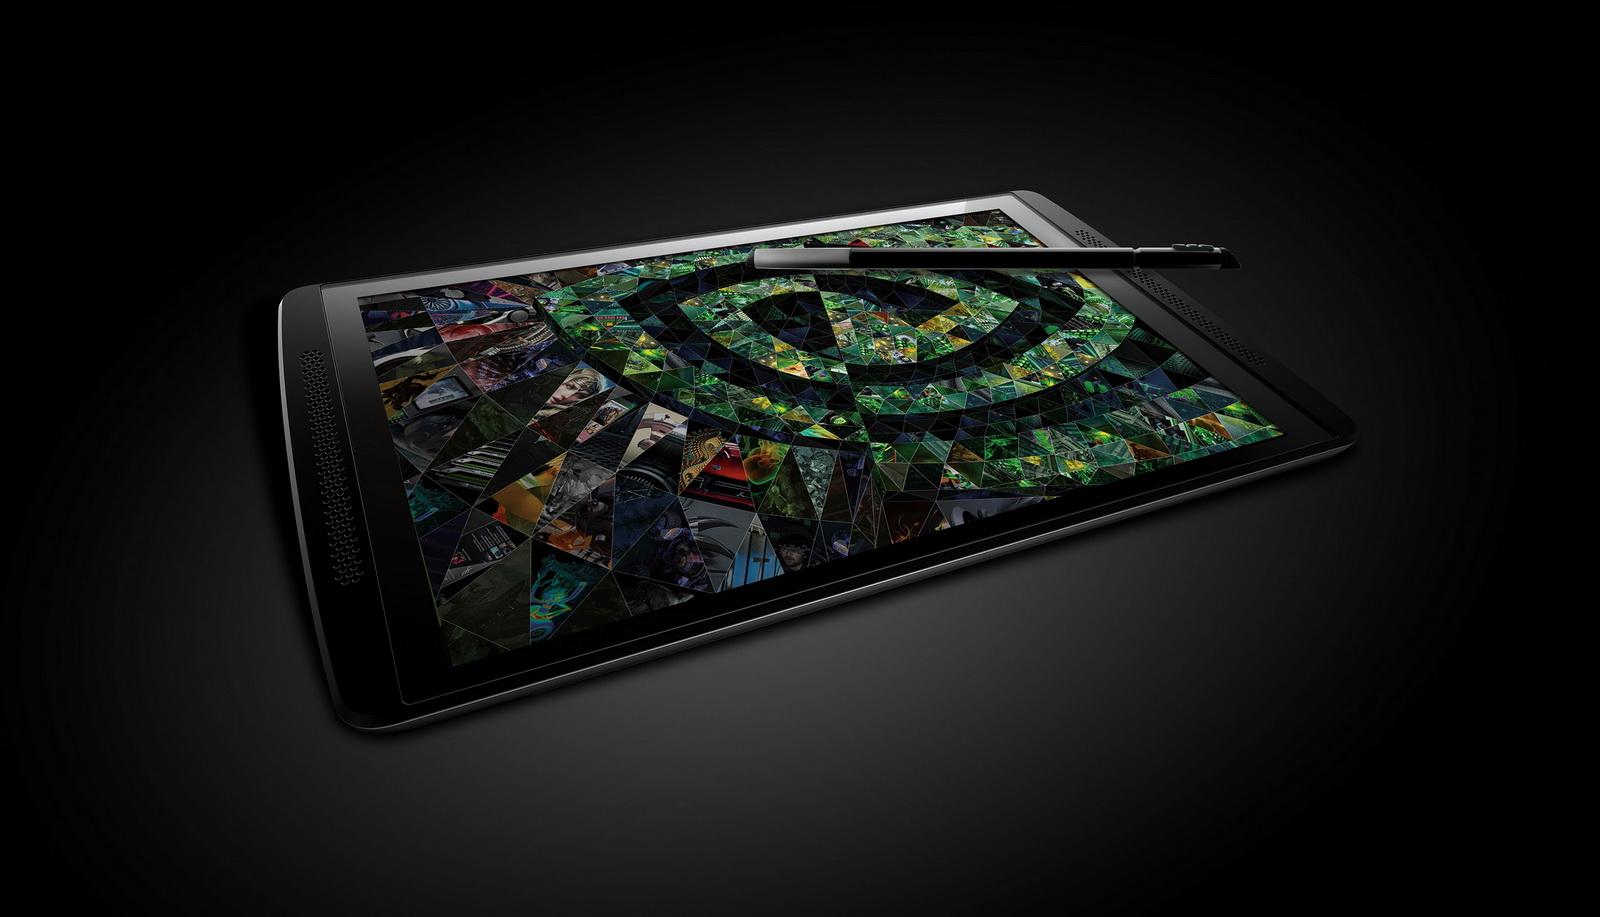 Nvidia oficjalnie zapowiedziała swój tablet Tegra Note. Jest tańszy i wydajniejszy od nowego Nexusa 7!